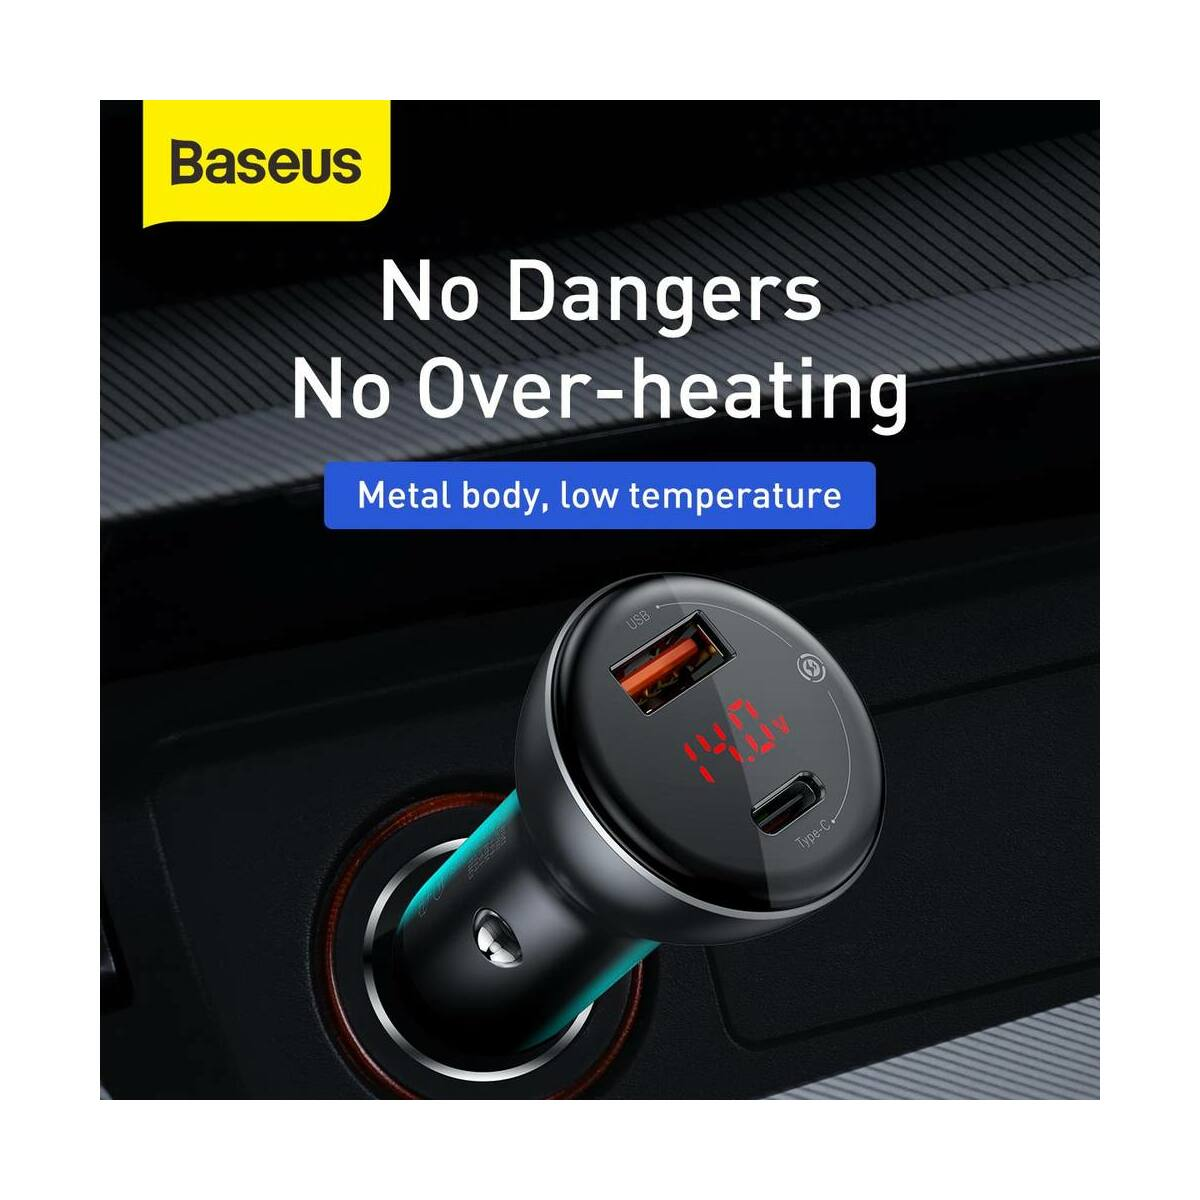 Baseus autós töltő szett, Digitális kijelző, PPS QC 3.0 2xUSB kimenet (mini kábel C+C, 3A, 1m) 45W, fekete (TZCCBX-C0G)